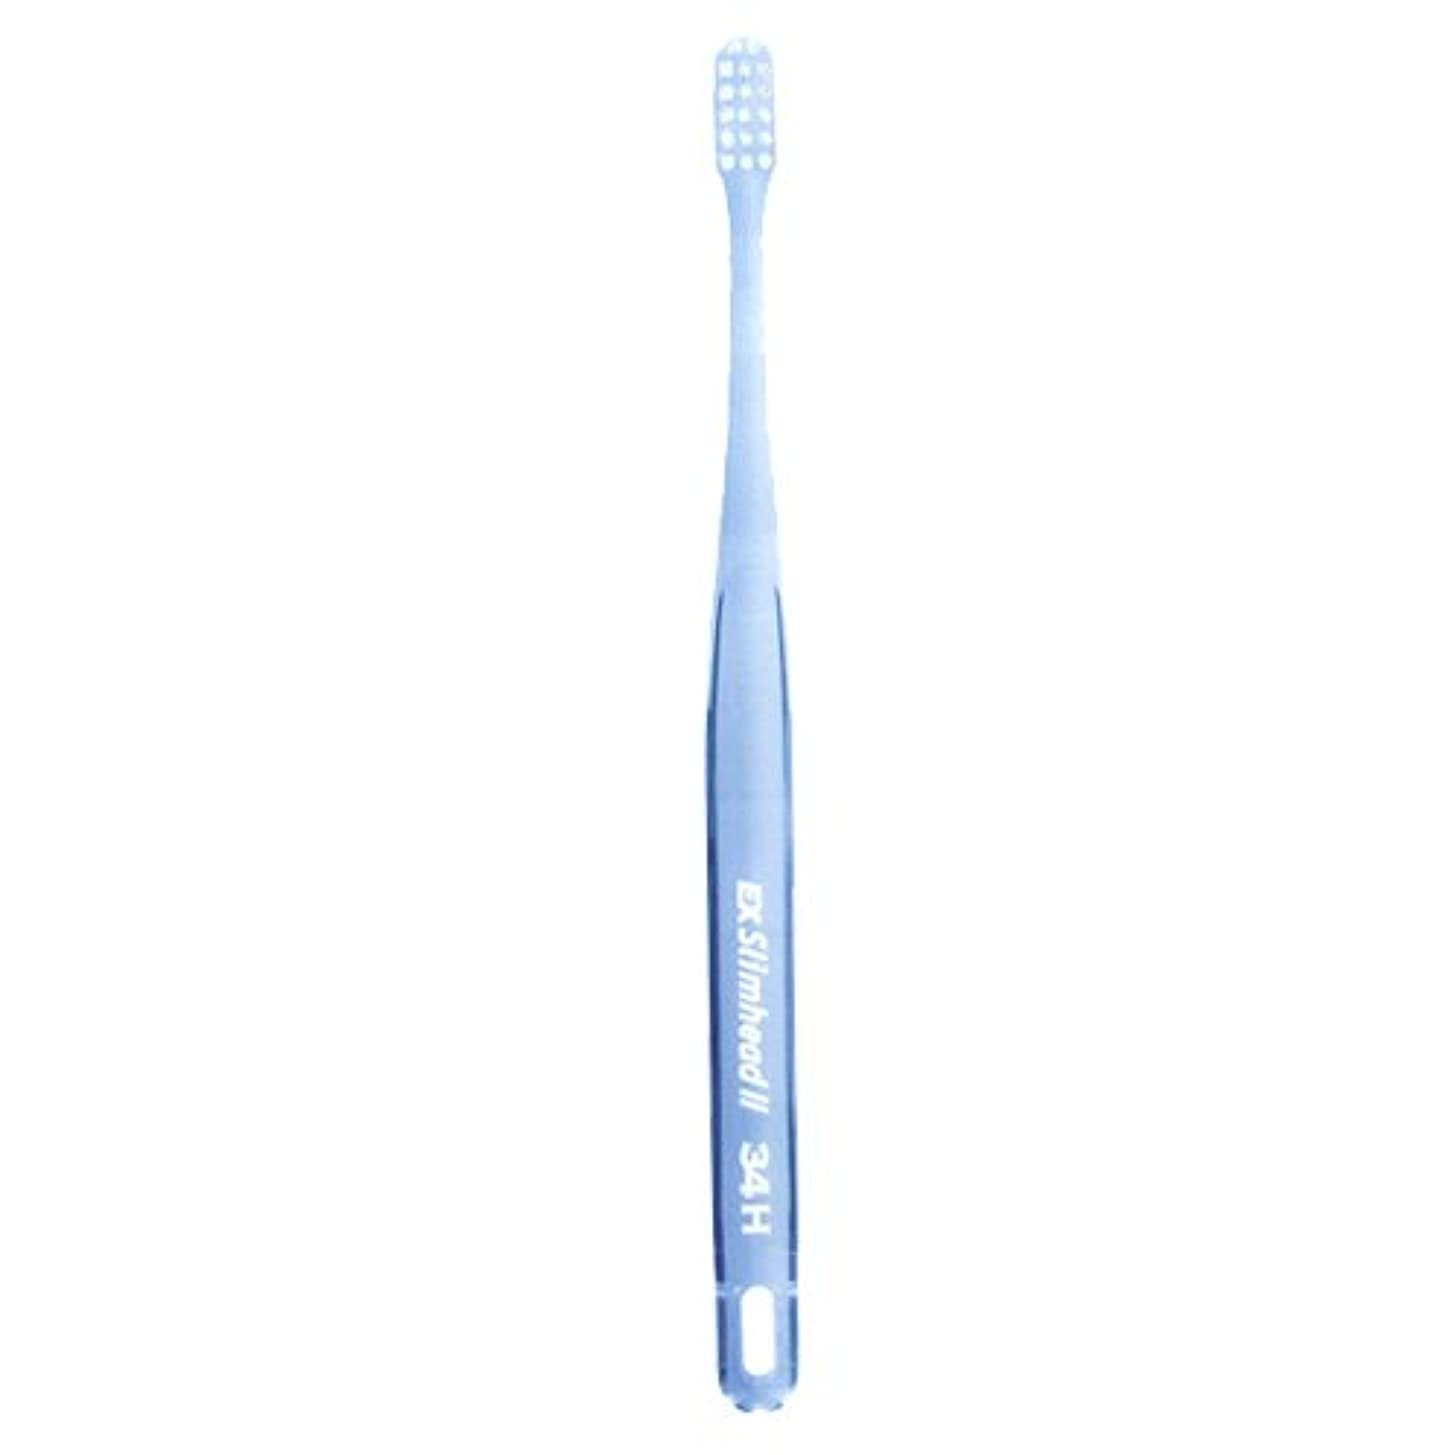 許可する文明化するスクワイアライオン スリムヘッド2 歯ブラシ DENT . EX Slimhead2 1本 34M クリアブルー